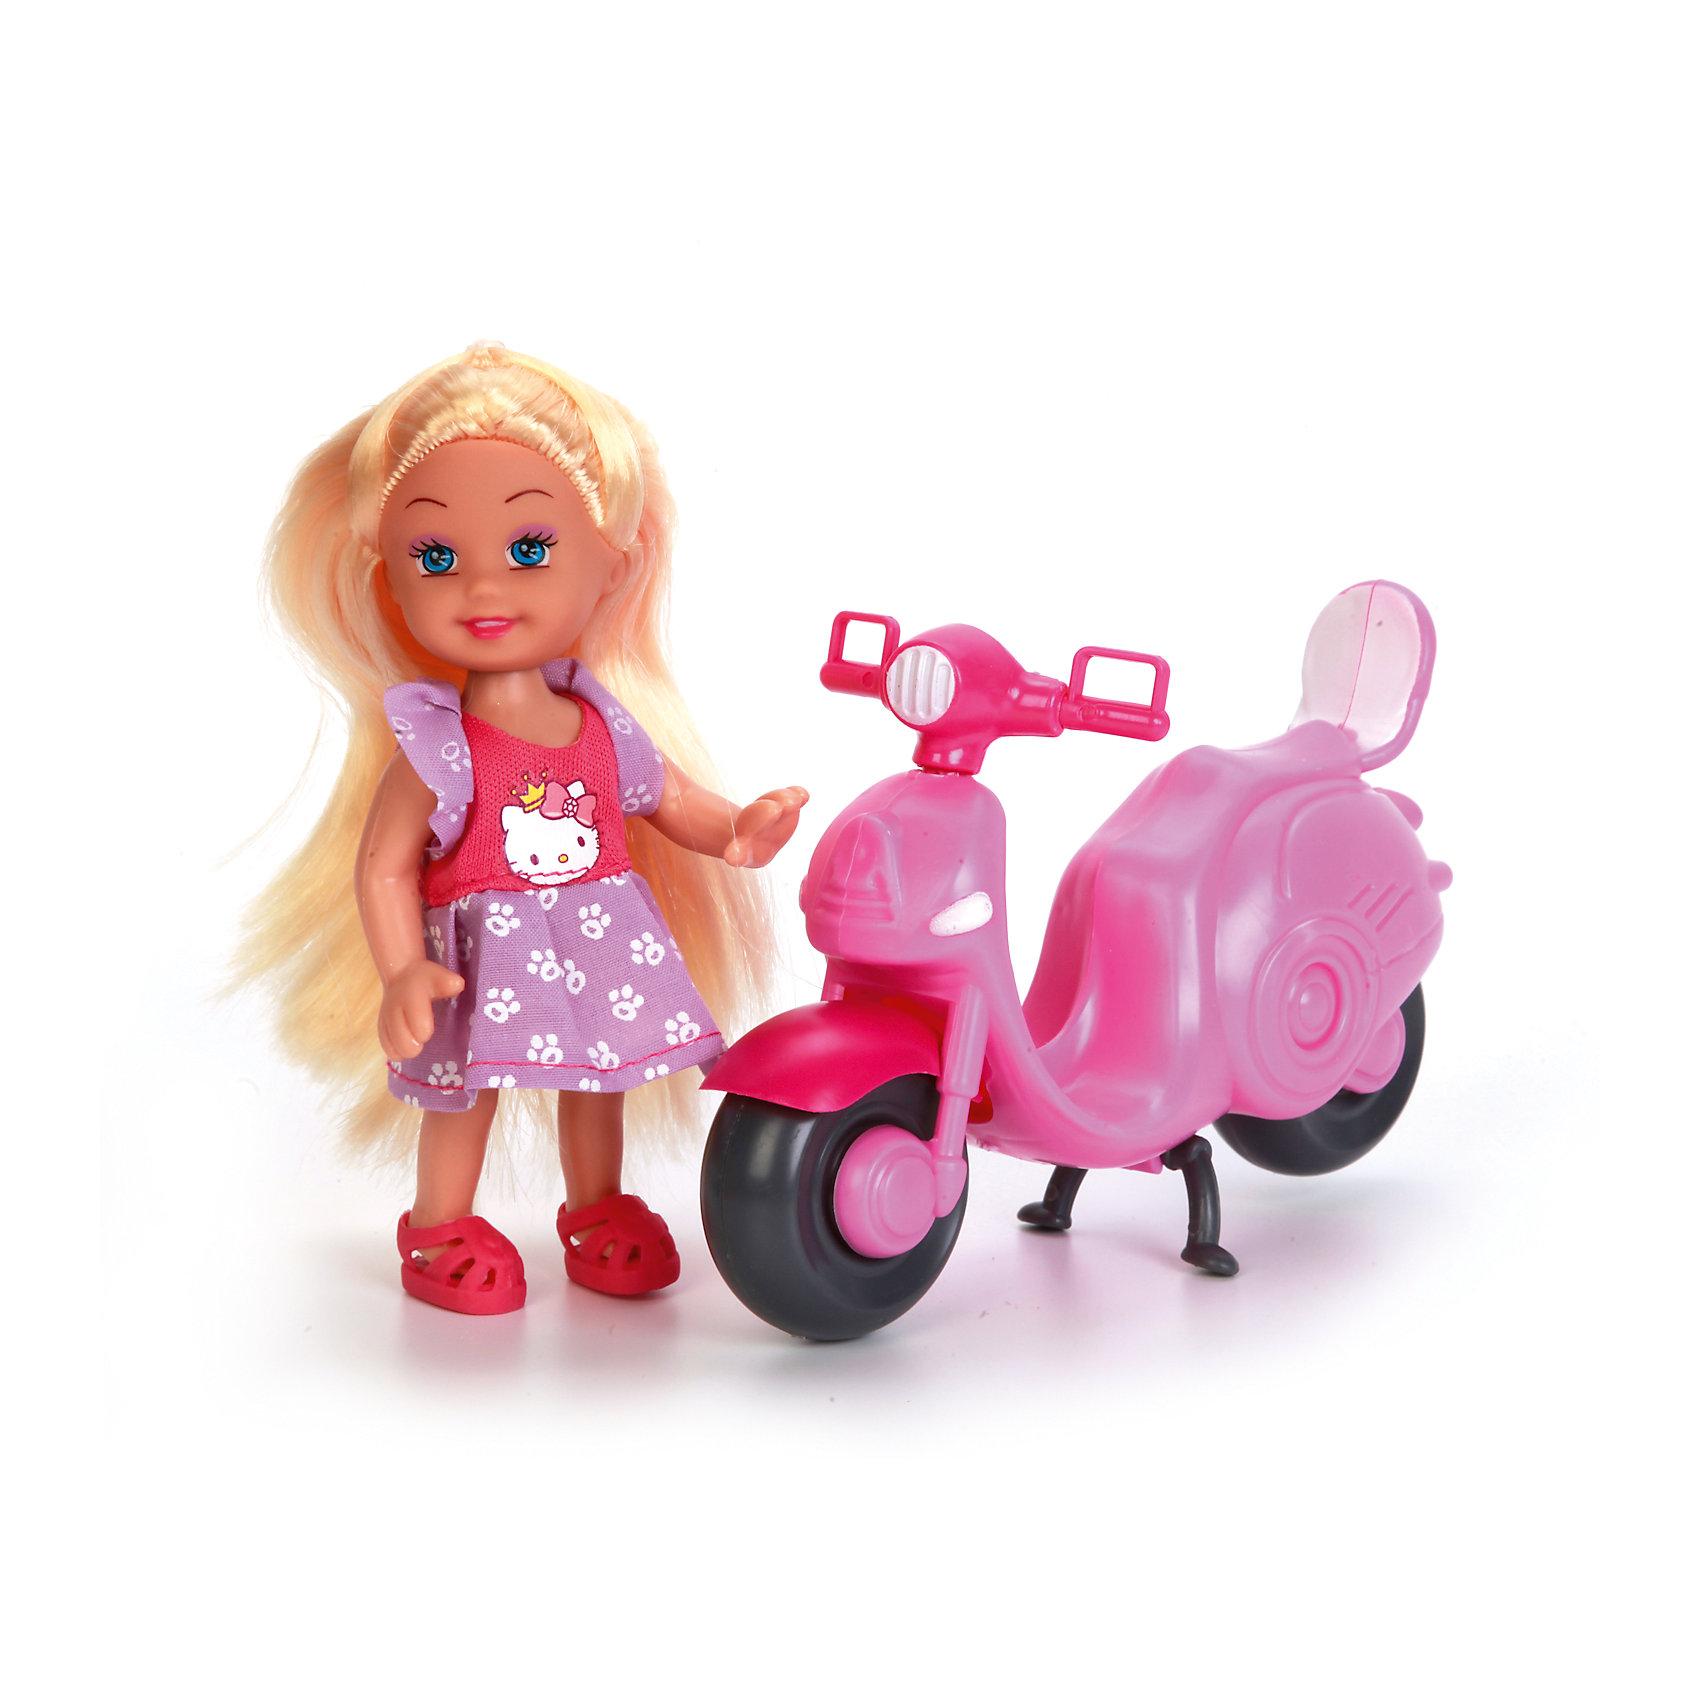 Кукла Машенька, 12 см, твердое тело, КарапузИнтерактивные куклы<br>Кукла очень похожа на маленького младенца с пухлыми щёчками и аккуратными чертами милого личика. Маленькая модница в стильной одежде, представленной платьем с изображением котёнка на груди, очарует каждую девочку. У игрушки подвижные ручки, ножки и голова, что позволяет менять кукле наряды и принимать ей различные игровые позы. Несмотря на компактный размер, куколка прекрасно детализирована. В комплекте входят шлем и скутер, с которыми игра станет ещё разнообразнее и интереснее.<br><br>Ширина мм: 71<br>Глубина мм: 61<br>Высота мм: 35<br>Вес г: 190<br>Возраст от месяцев: 36<br>Возраст до месяцев: 60<br>Пол: Женский<br>Возраст: Детский<br>SKU: 6863977